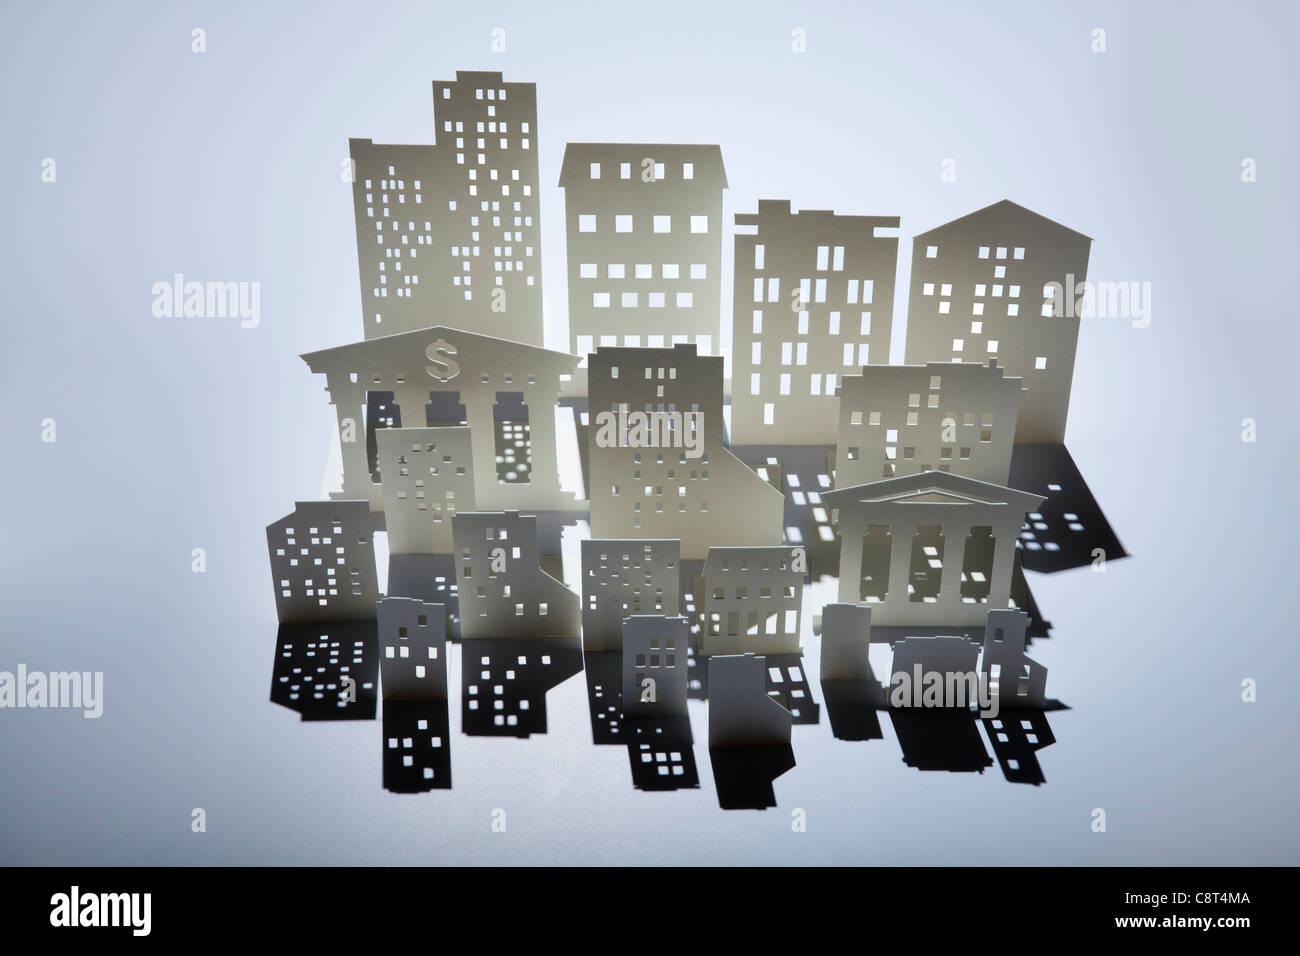 Modelo de arquitectura de los edificios y un banco con el signo de dólar Imagen De Stock